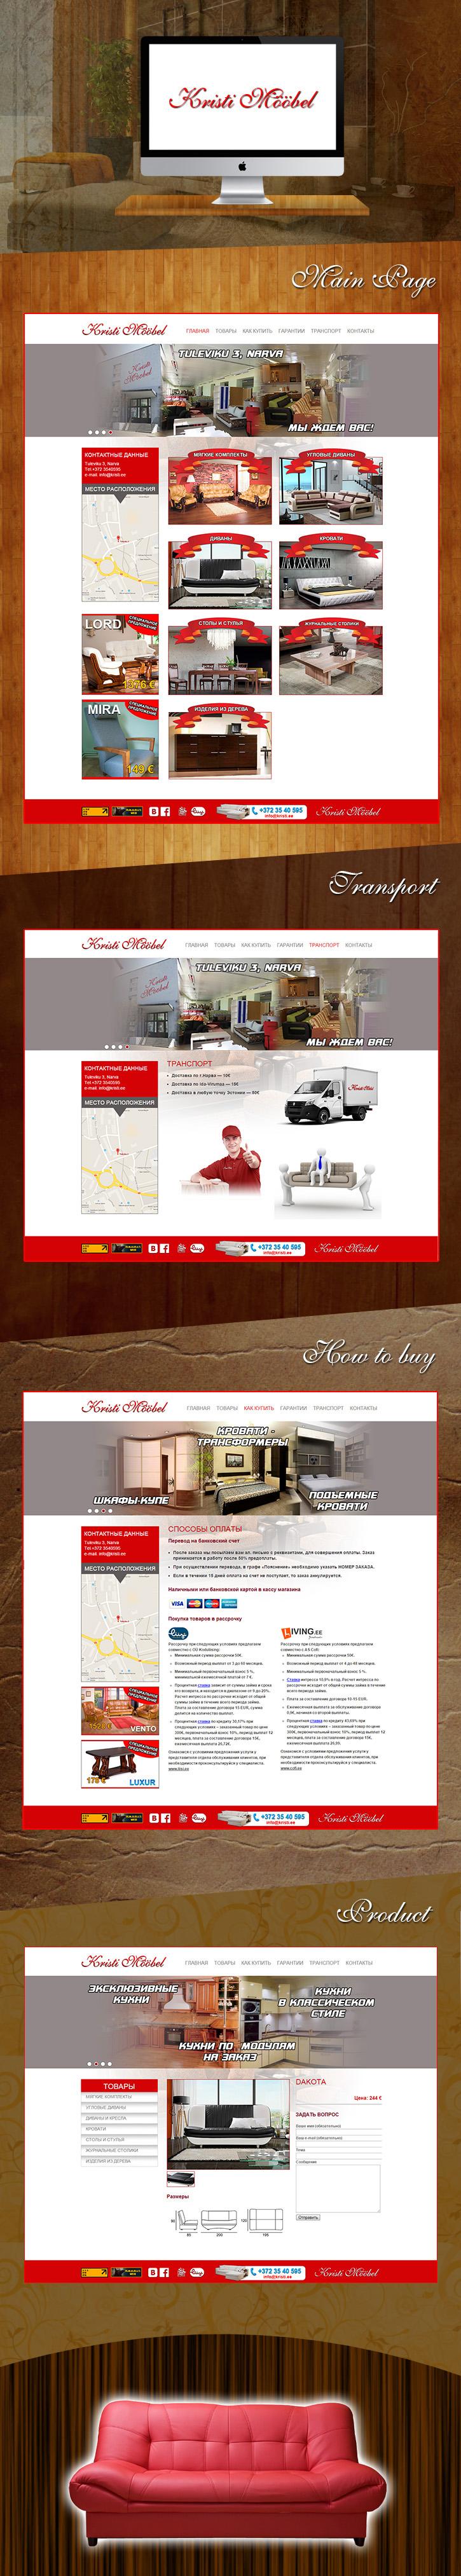 Kristi Mööbel shop furniture